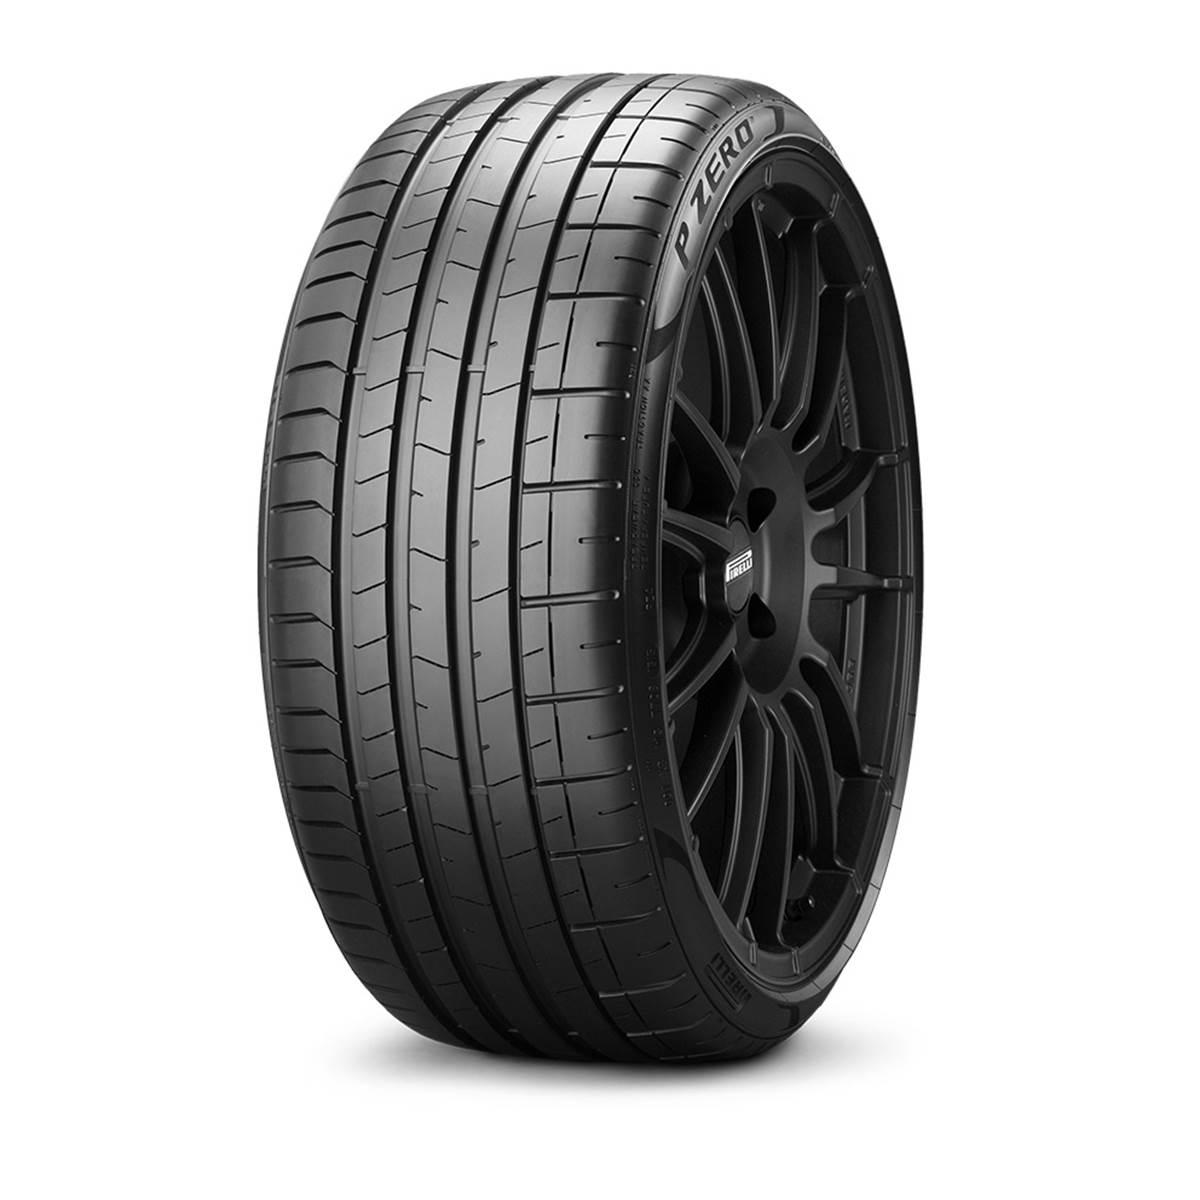 Pneu Runflat Pirelli 245/40R18 93Y Pzero